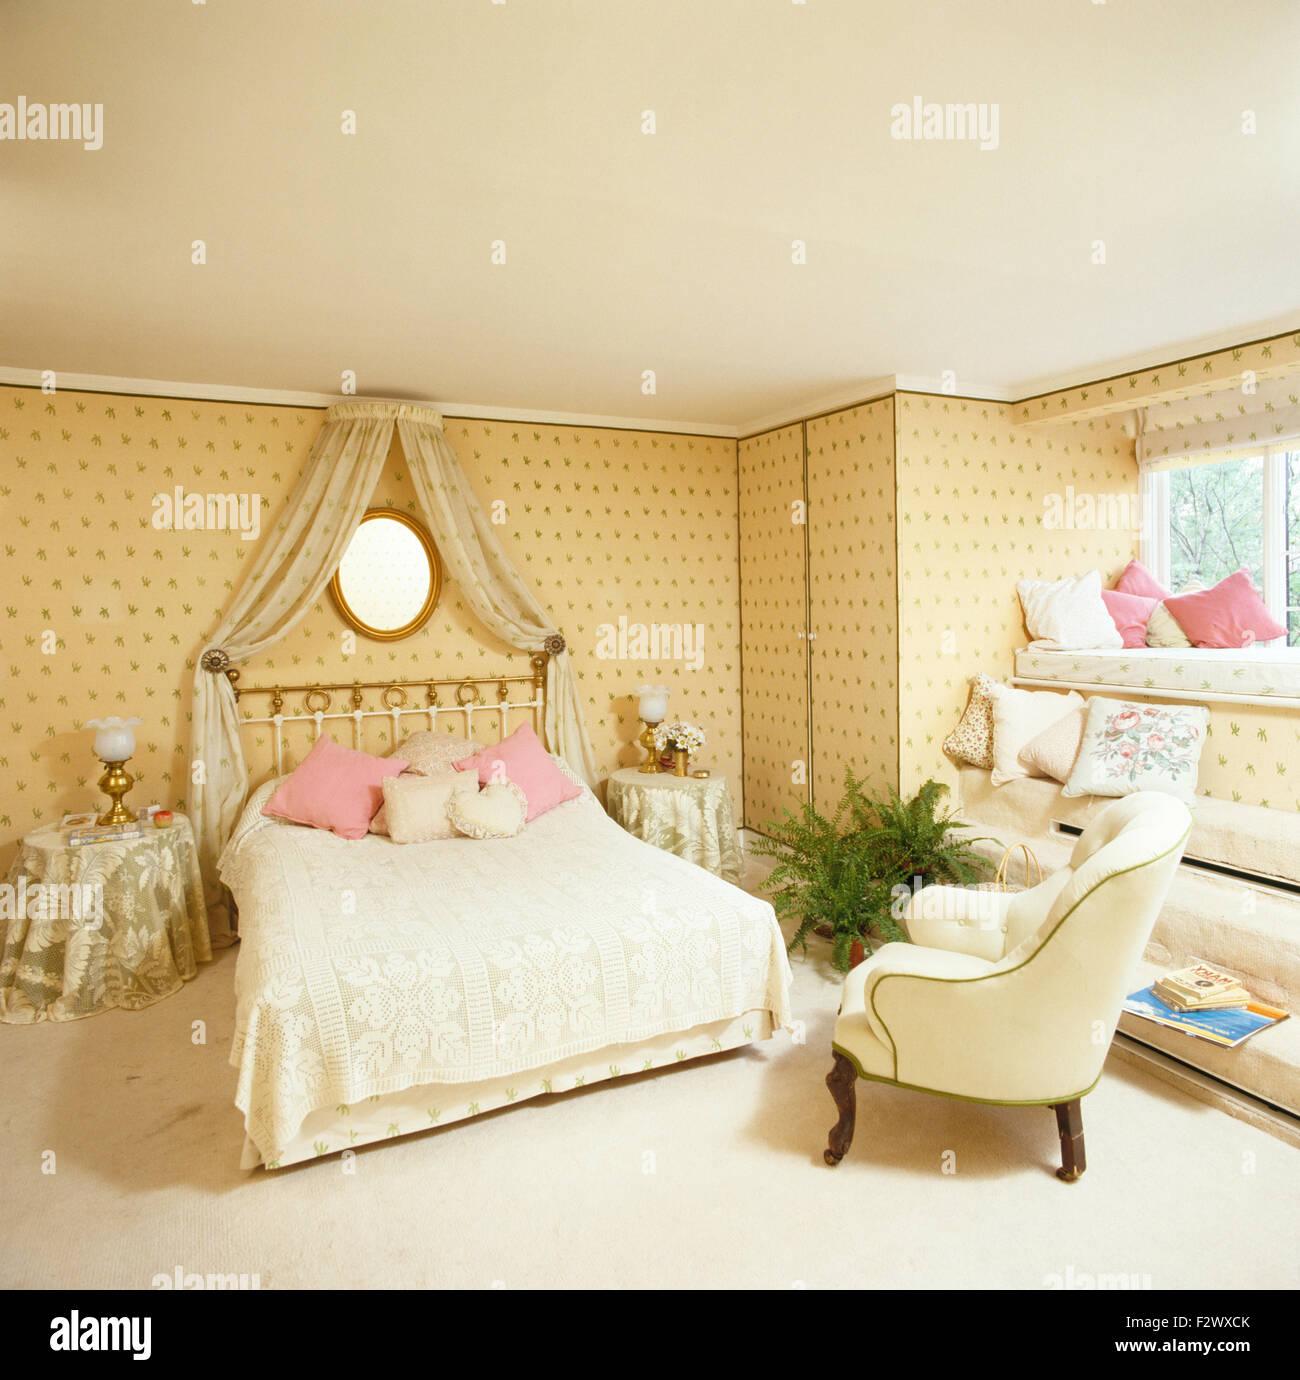 Coronet mit Sahne drapiert über Messingbett mit Spitze Bettdecke in ...